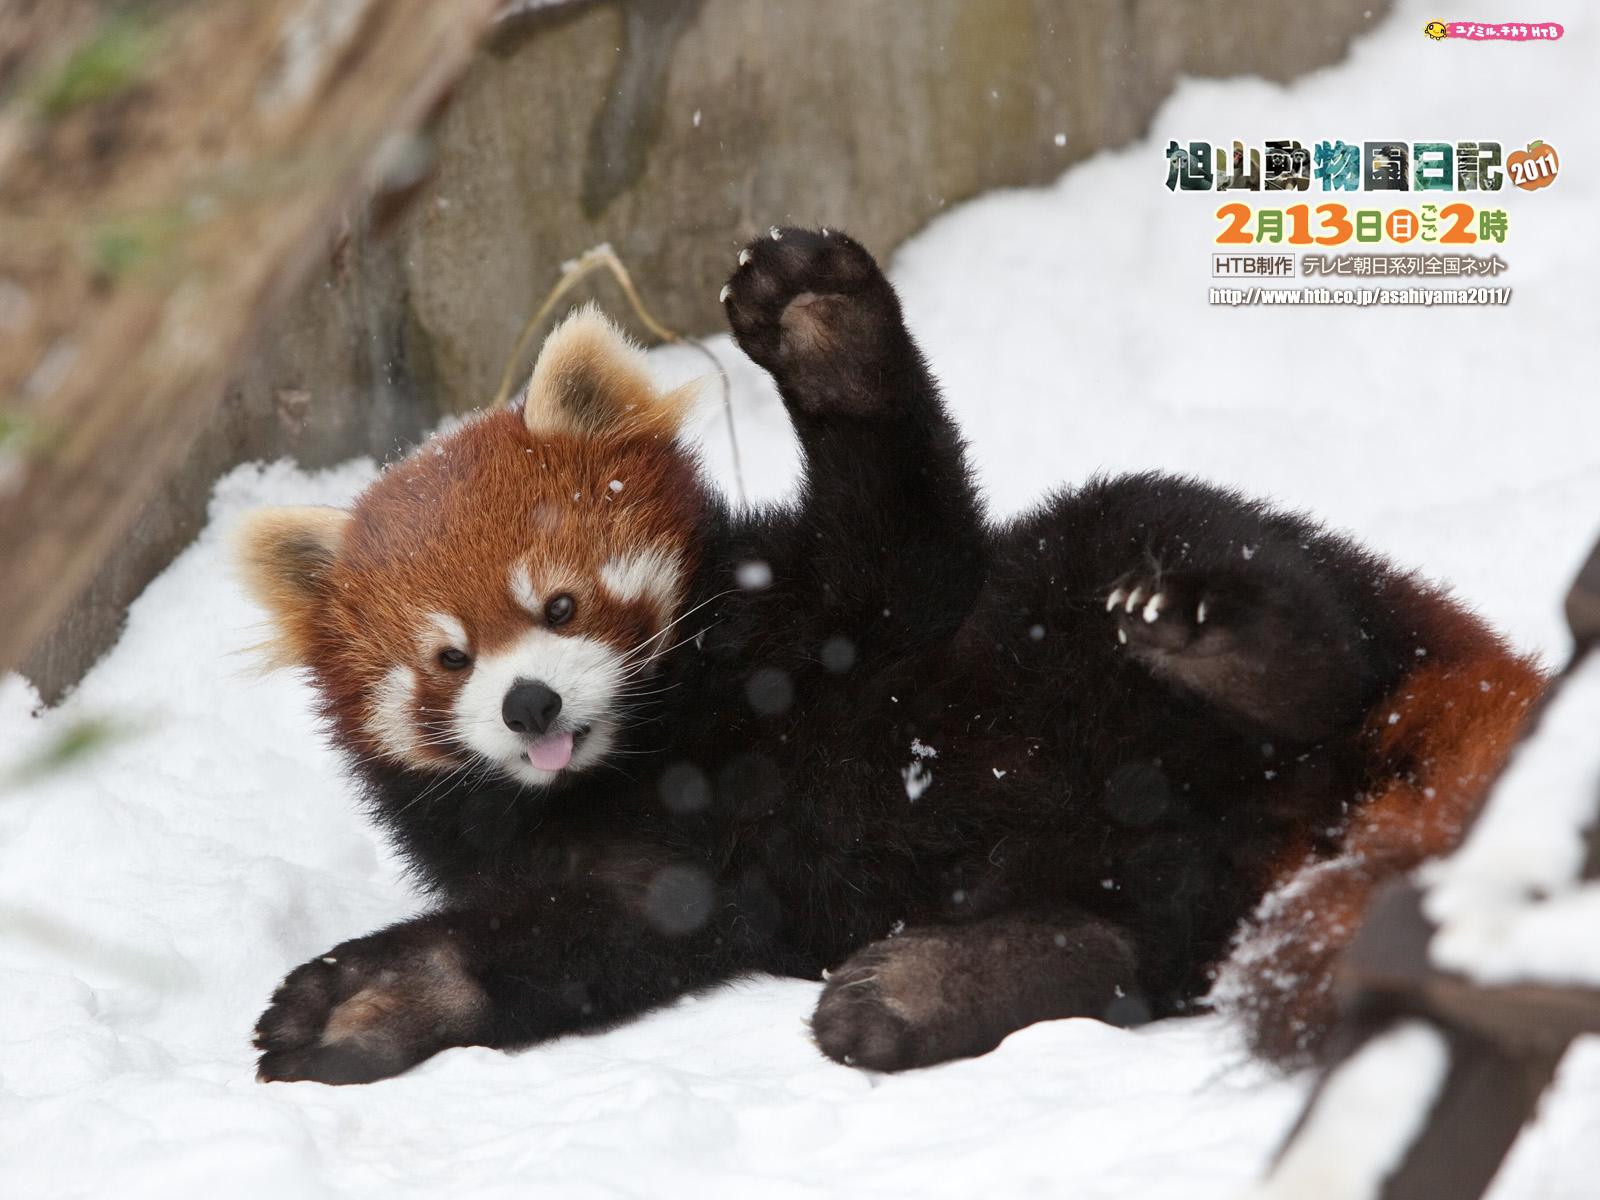 よゐこの旭山動物園日記2011